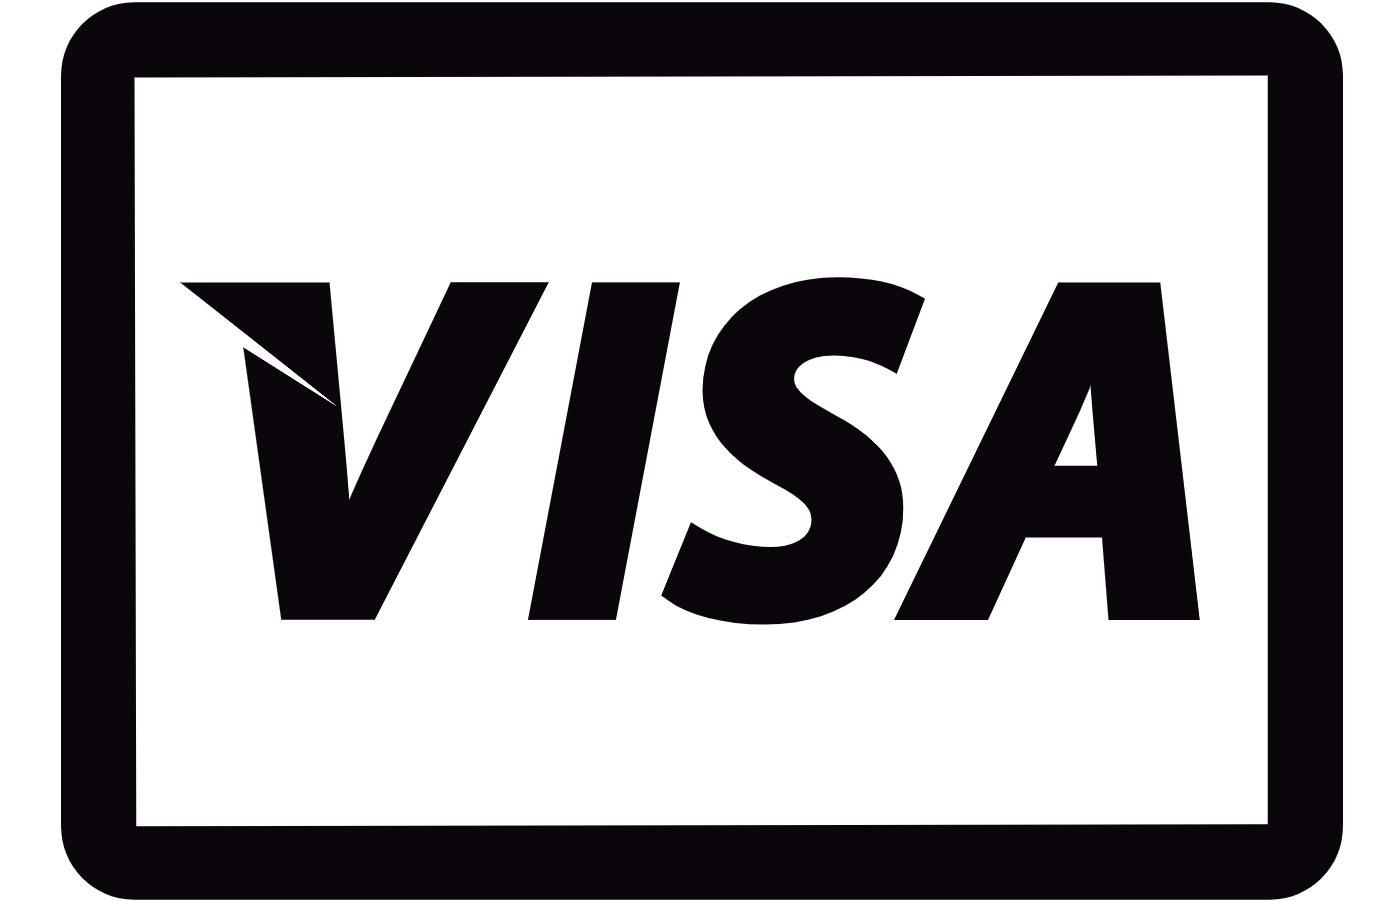 ezcardinfo.com visa